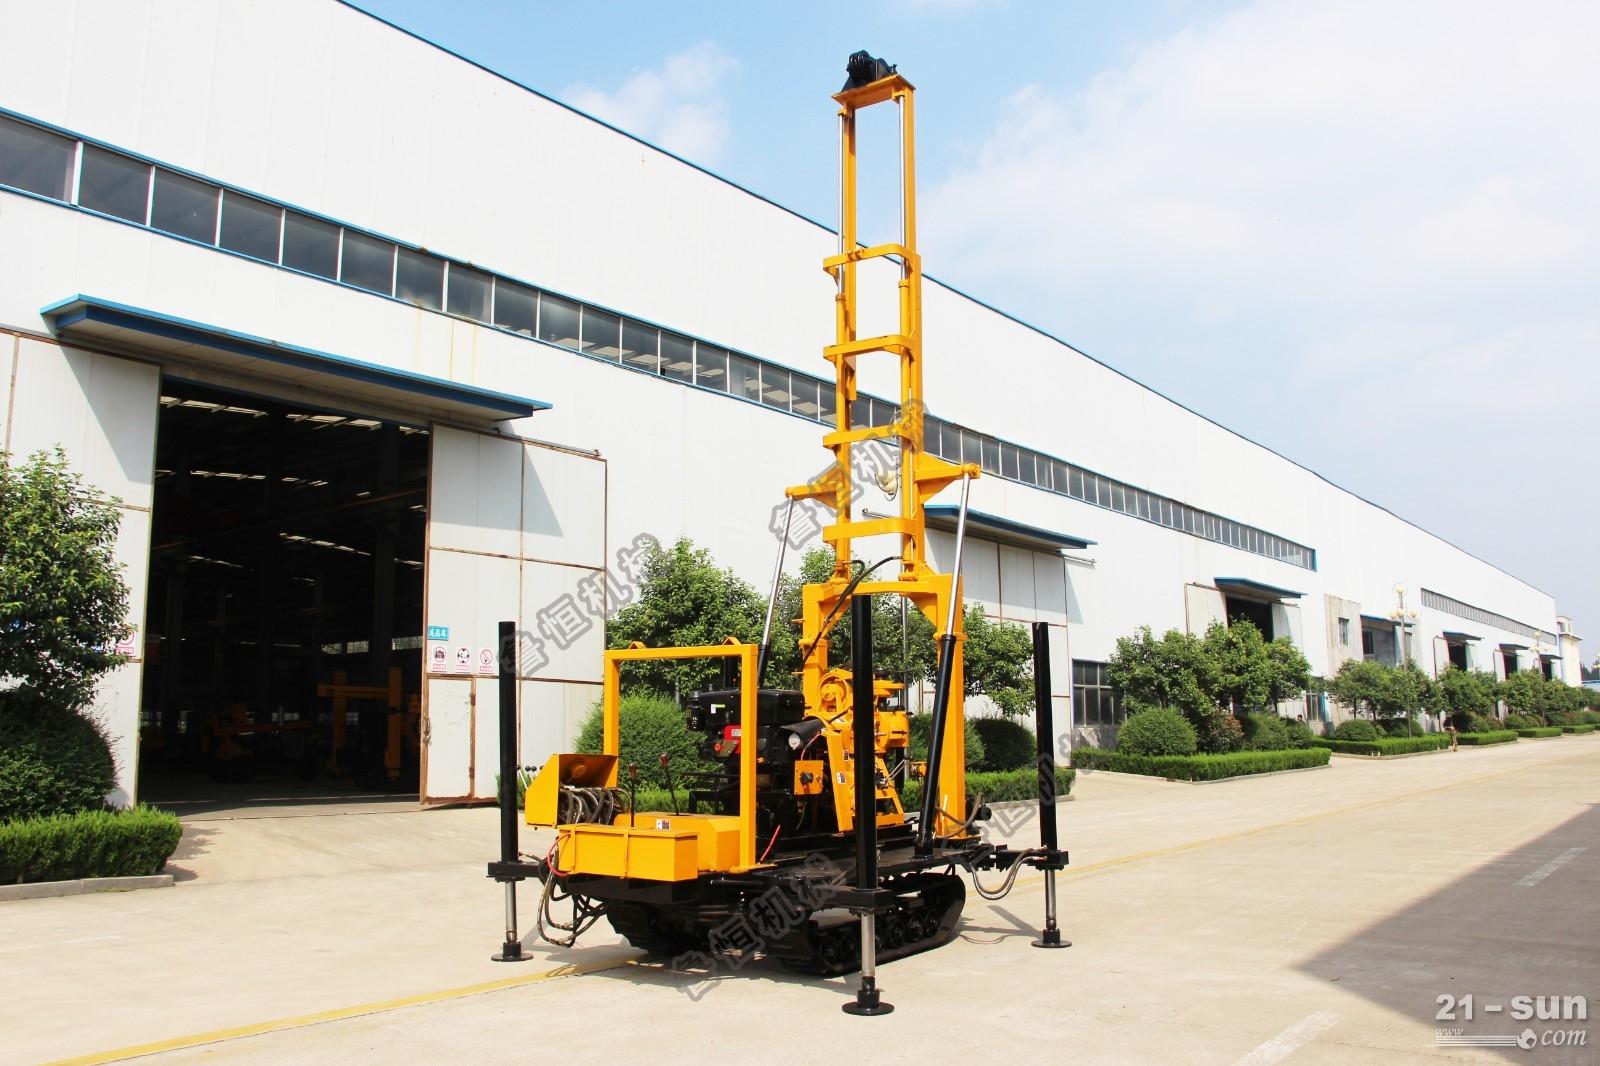 恒旺自行式三轮车载灌溉井水井钻机 三轮车打井机厂家直销 HWC-230车载水井钻机适应范围: